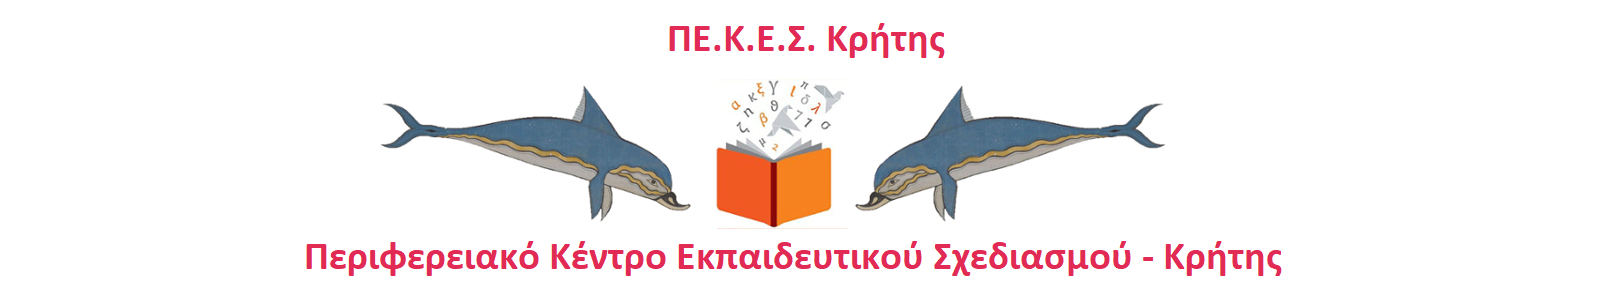 ΠΕ.Κ.Ε.Σ Κρήτης